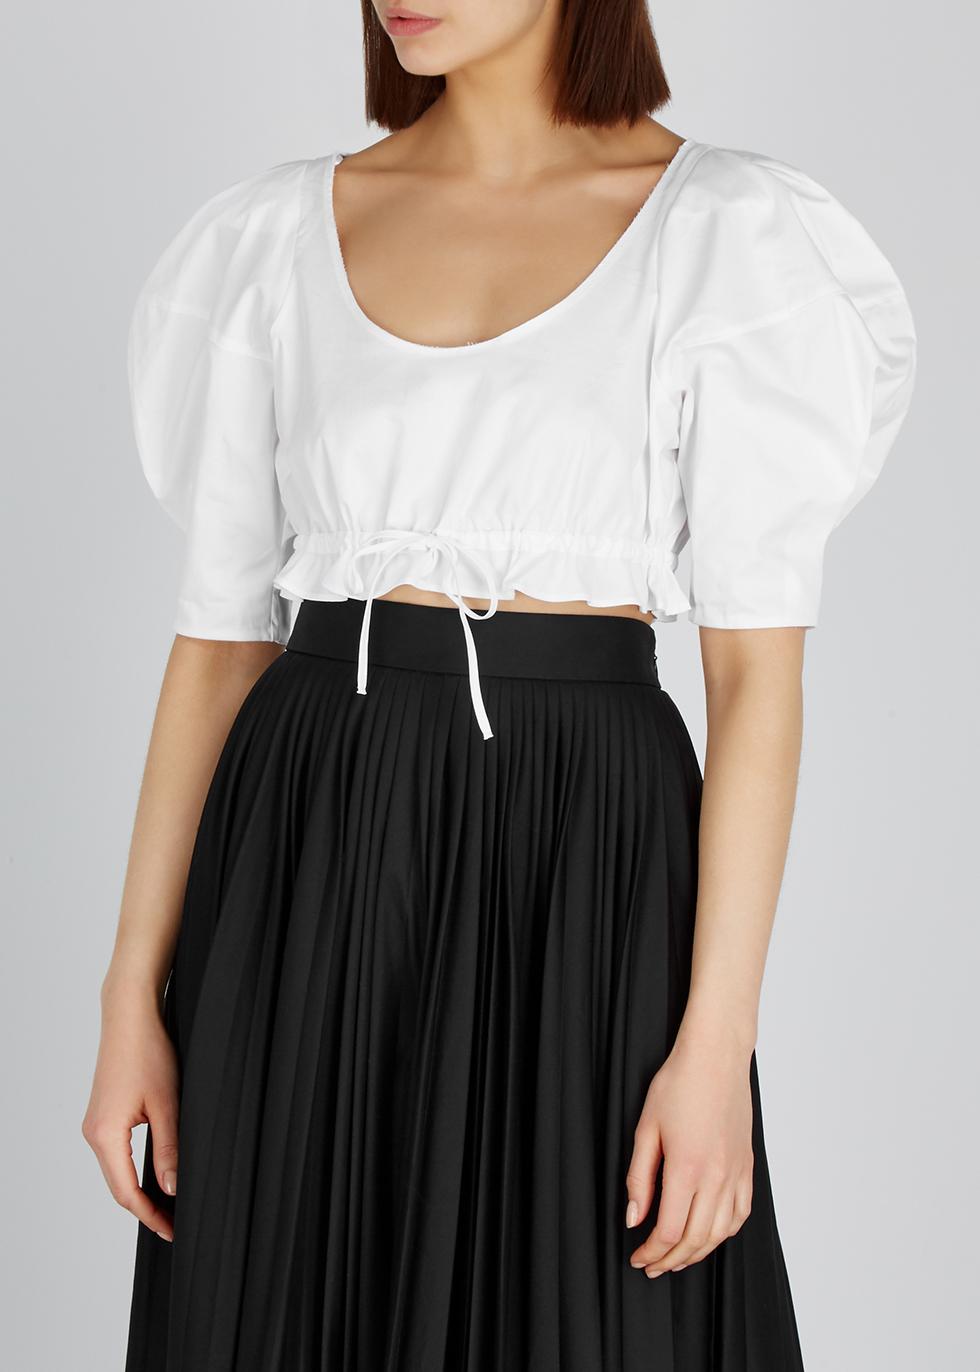 Frankie white cotton top - Khaite